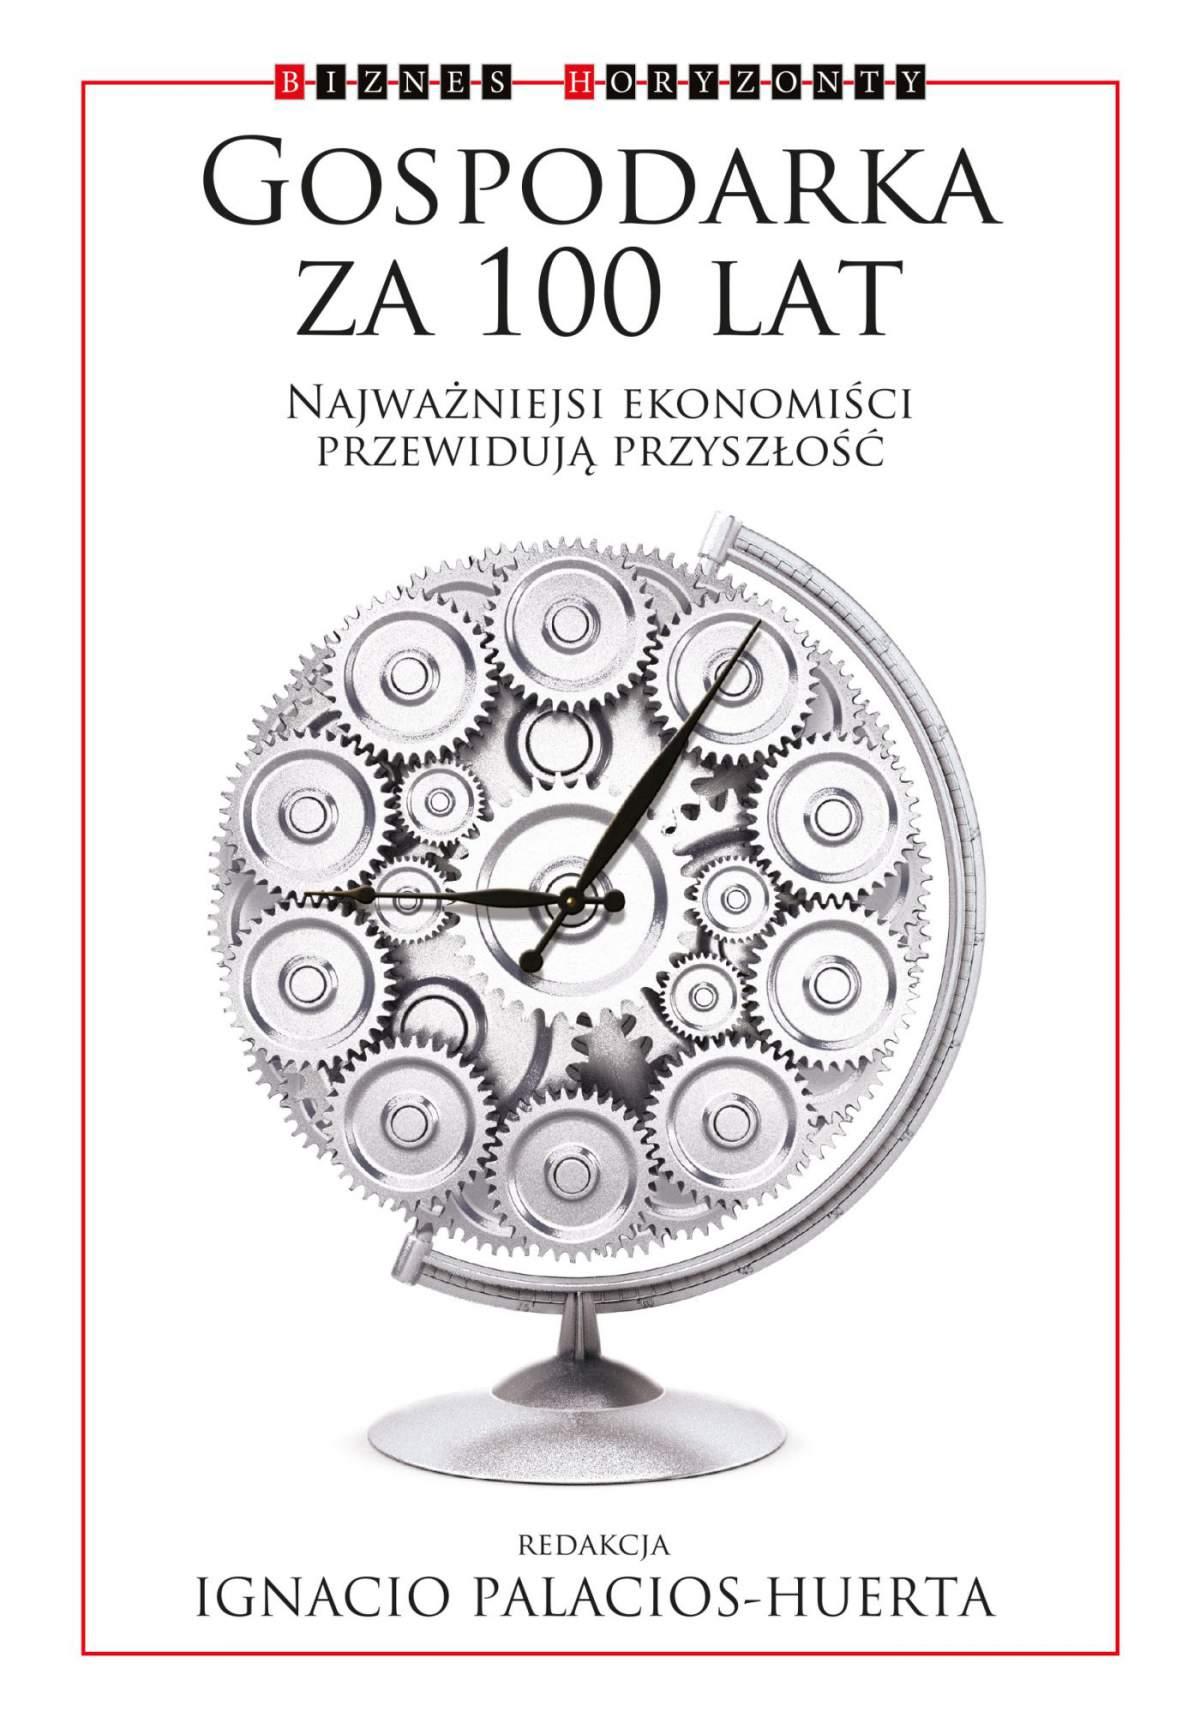 Gospodarka za 100 lat. Najważniejsi ekonomiści przewidują przyszłość - Ebook (Książka EPUB) do pobrania w formacie EPUB